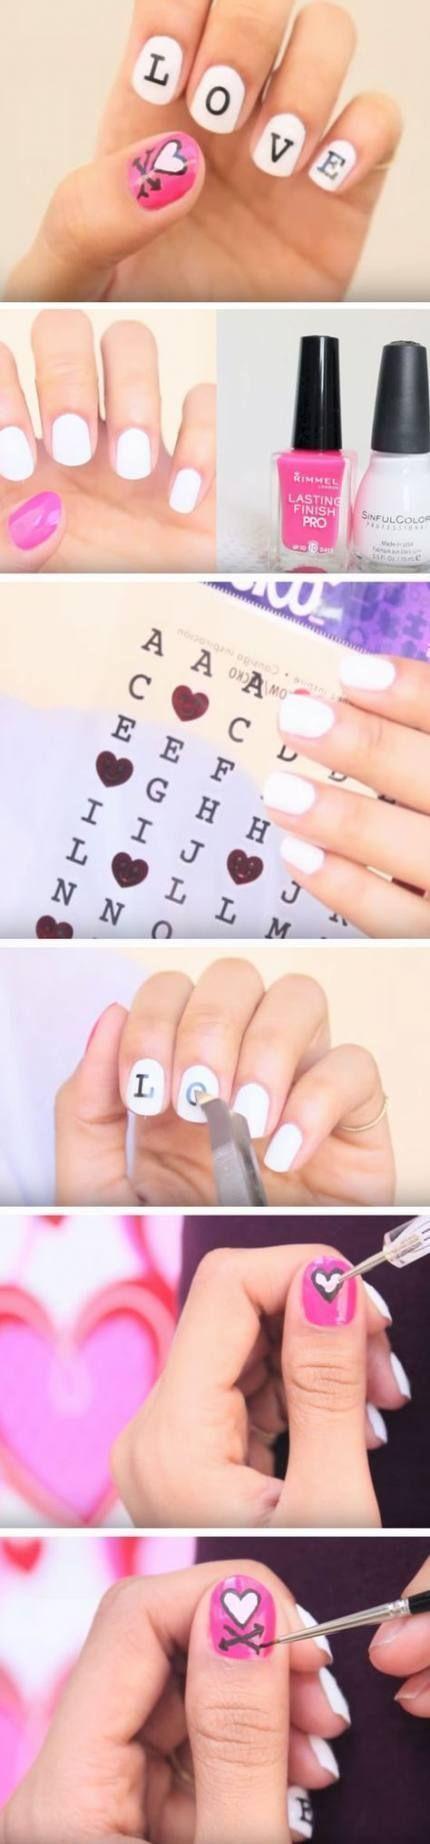 day nails short pink